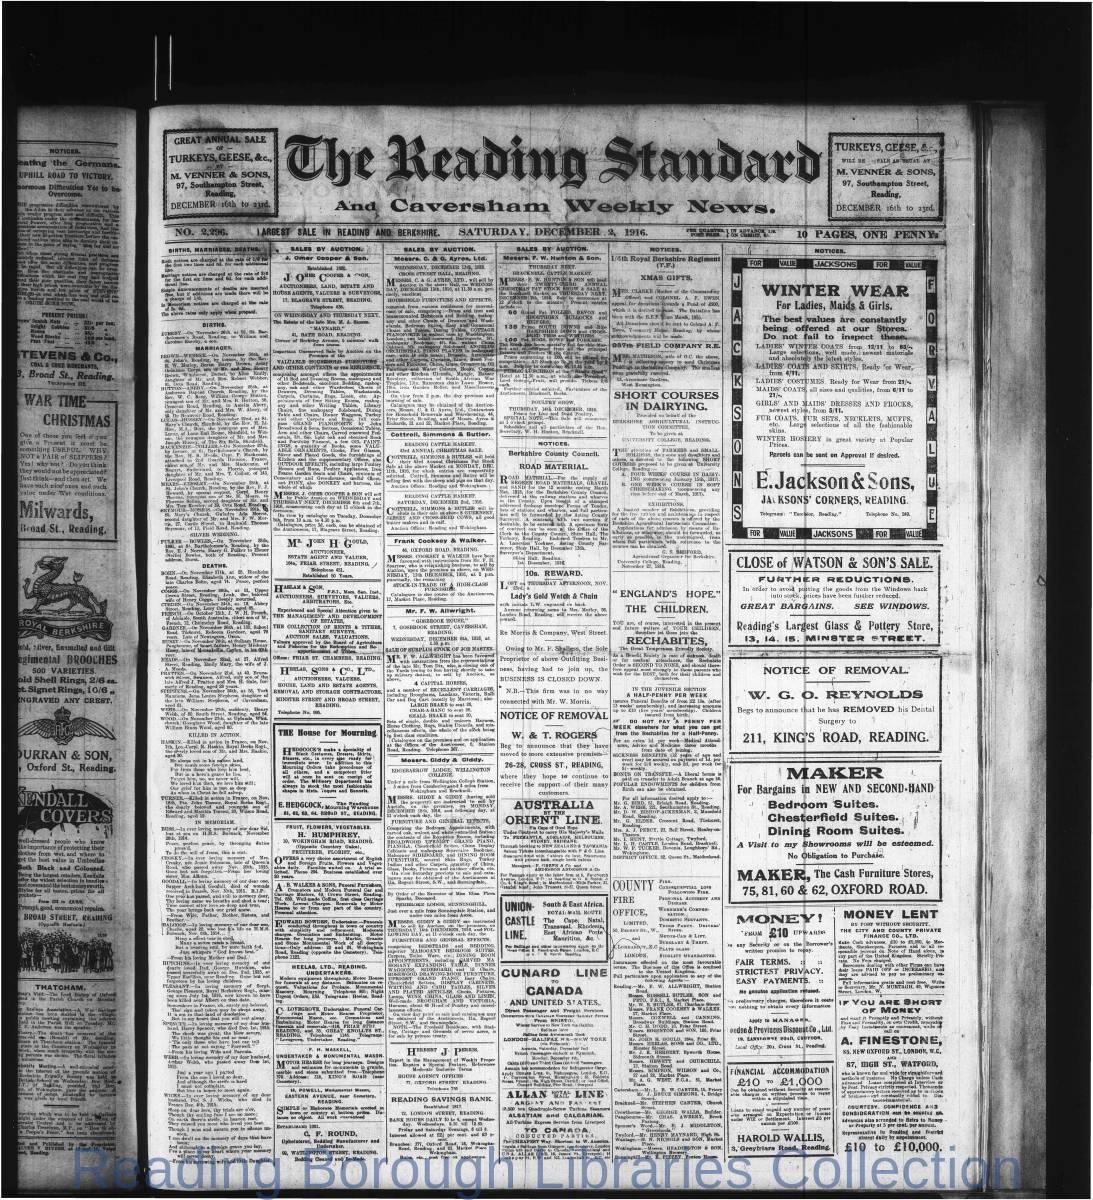 Reading Standard Etc_02-12-1916_00002.jpg